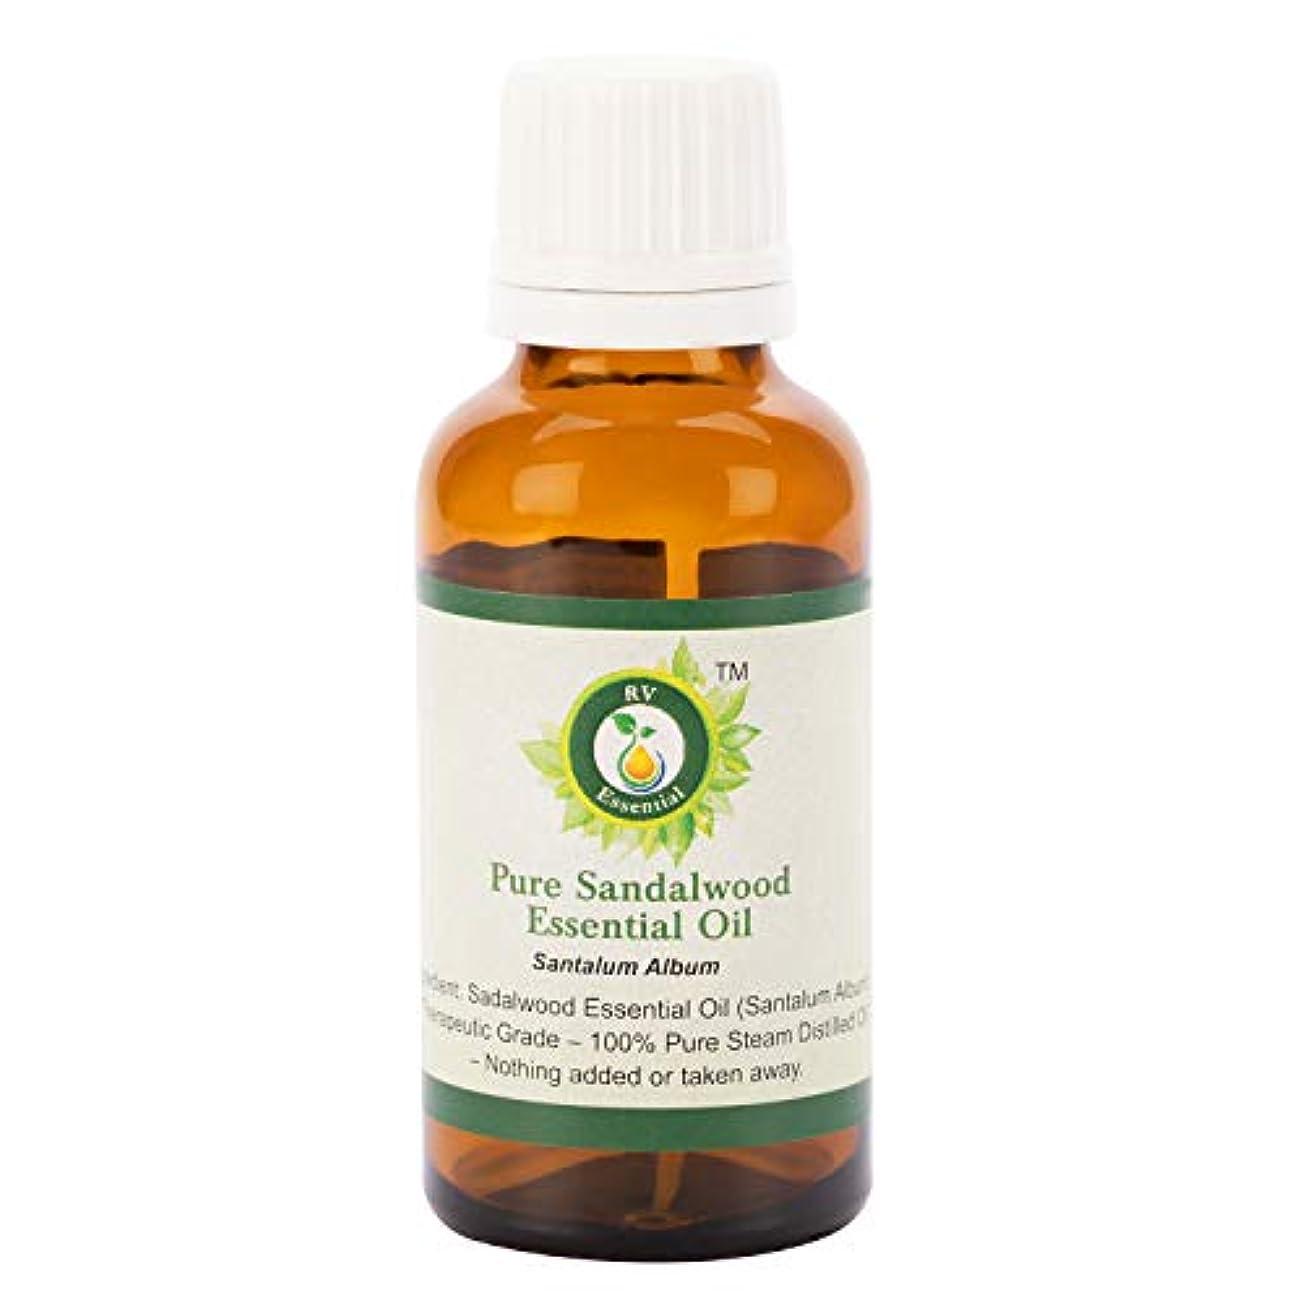 スペクトラム持っているボールピュアサンダルウッドエッセンシャルオイル100ml (3.38oz)- Santalum Album (100%純粋&天然スチームDistilled) Pure Sandalwood Essential Oil